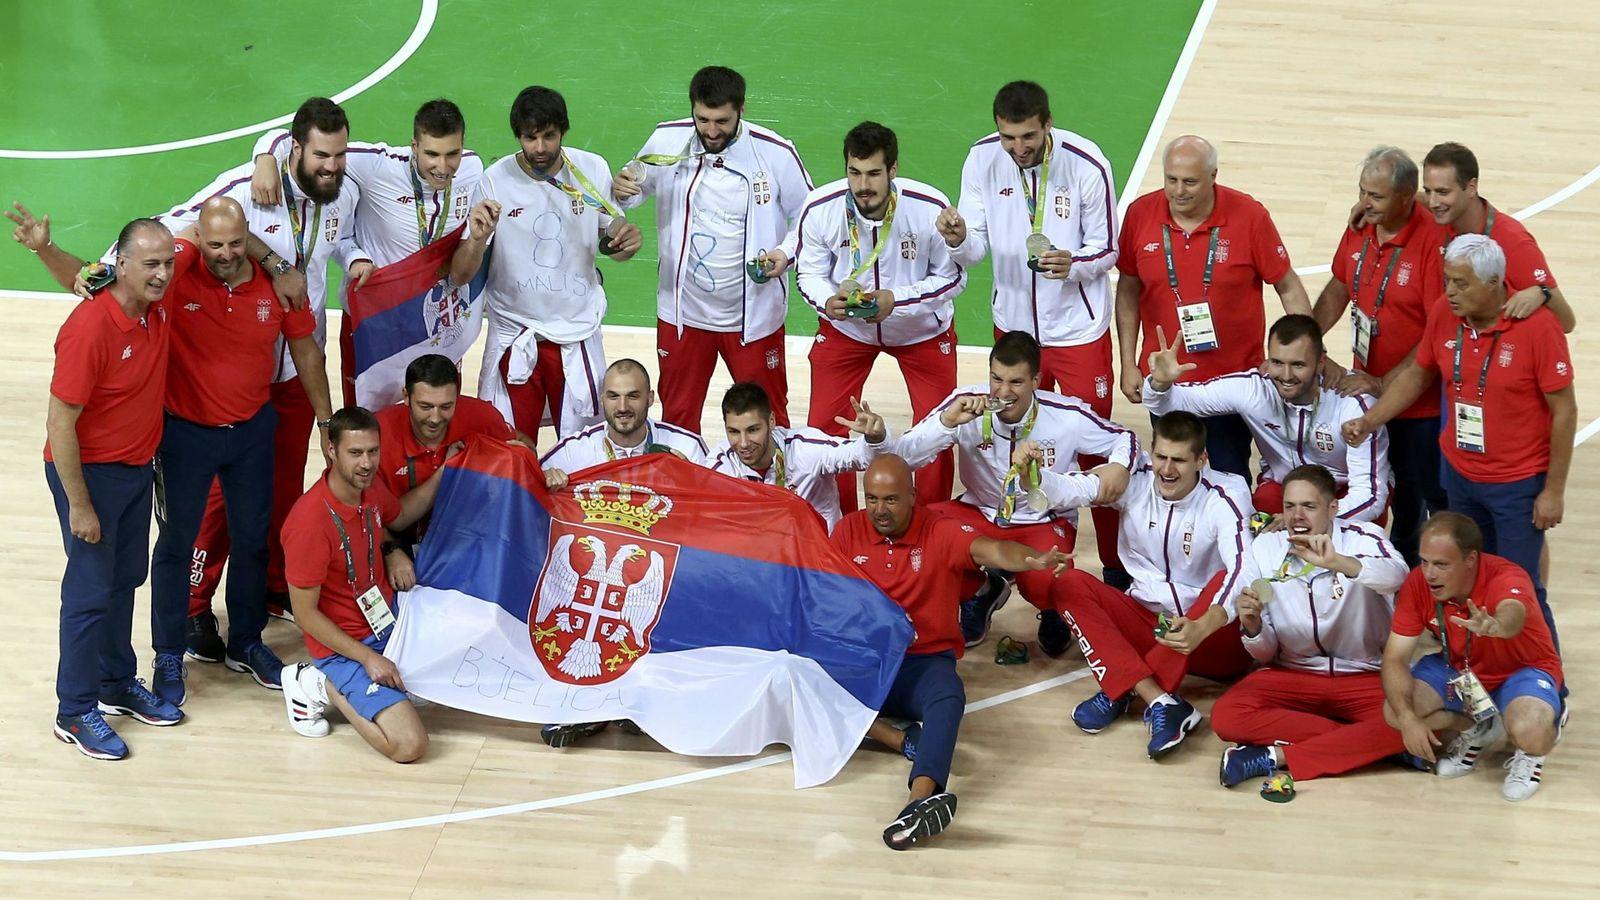 Foto: Serbia llega al EuroBasket con siete bajas con respecto a los Juegos Olímpicos, donde ganó la plata. (Reuters)